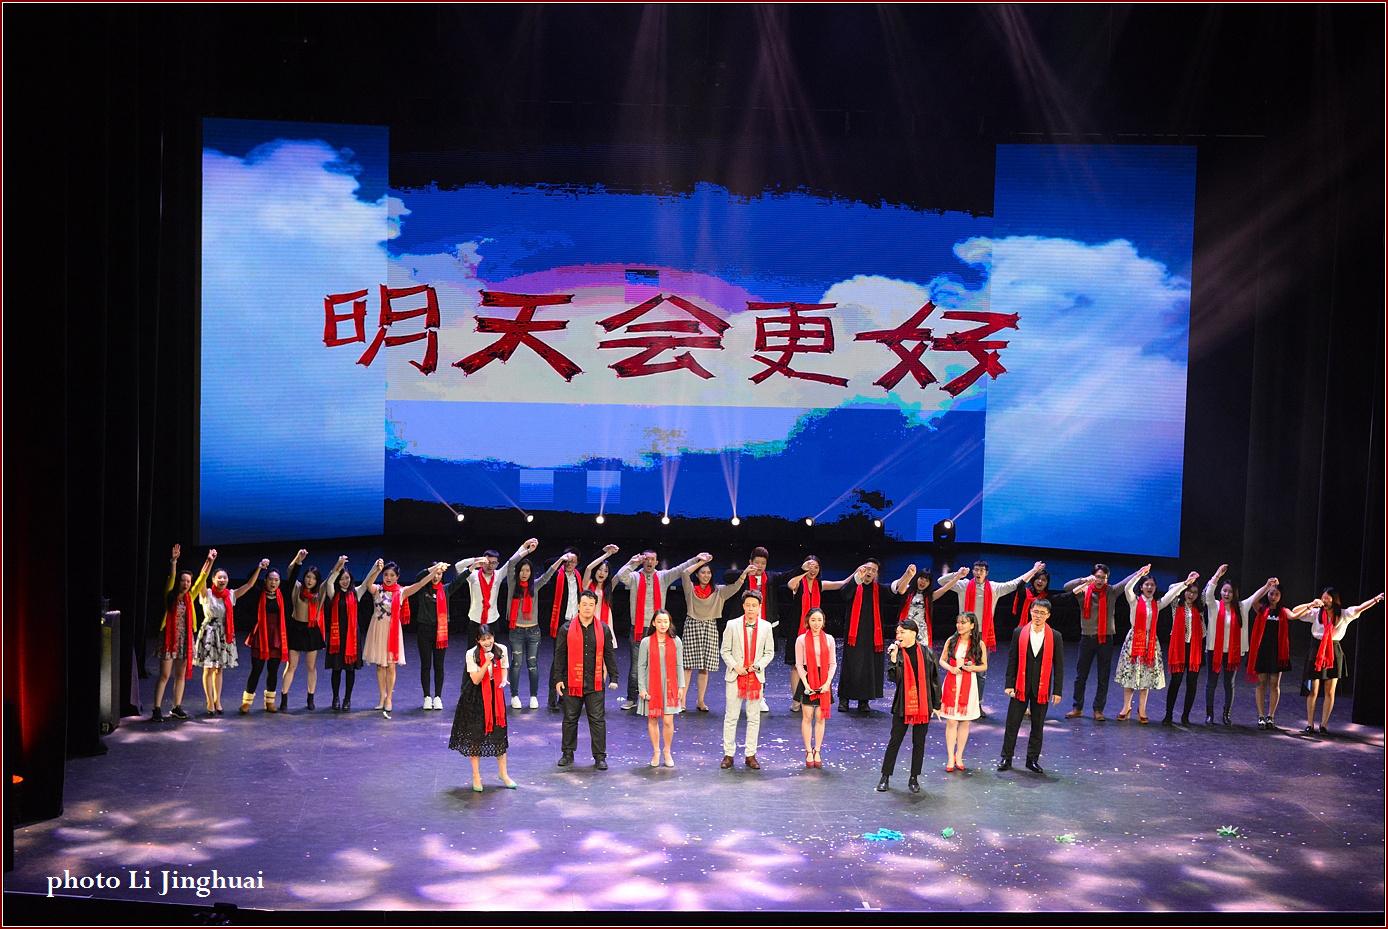 2017北美高校大型春节晚会_图1-13